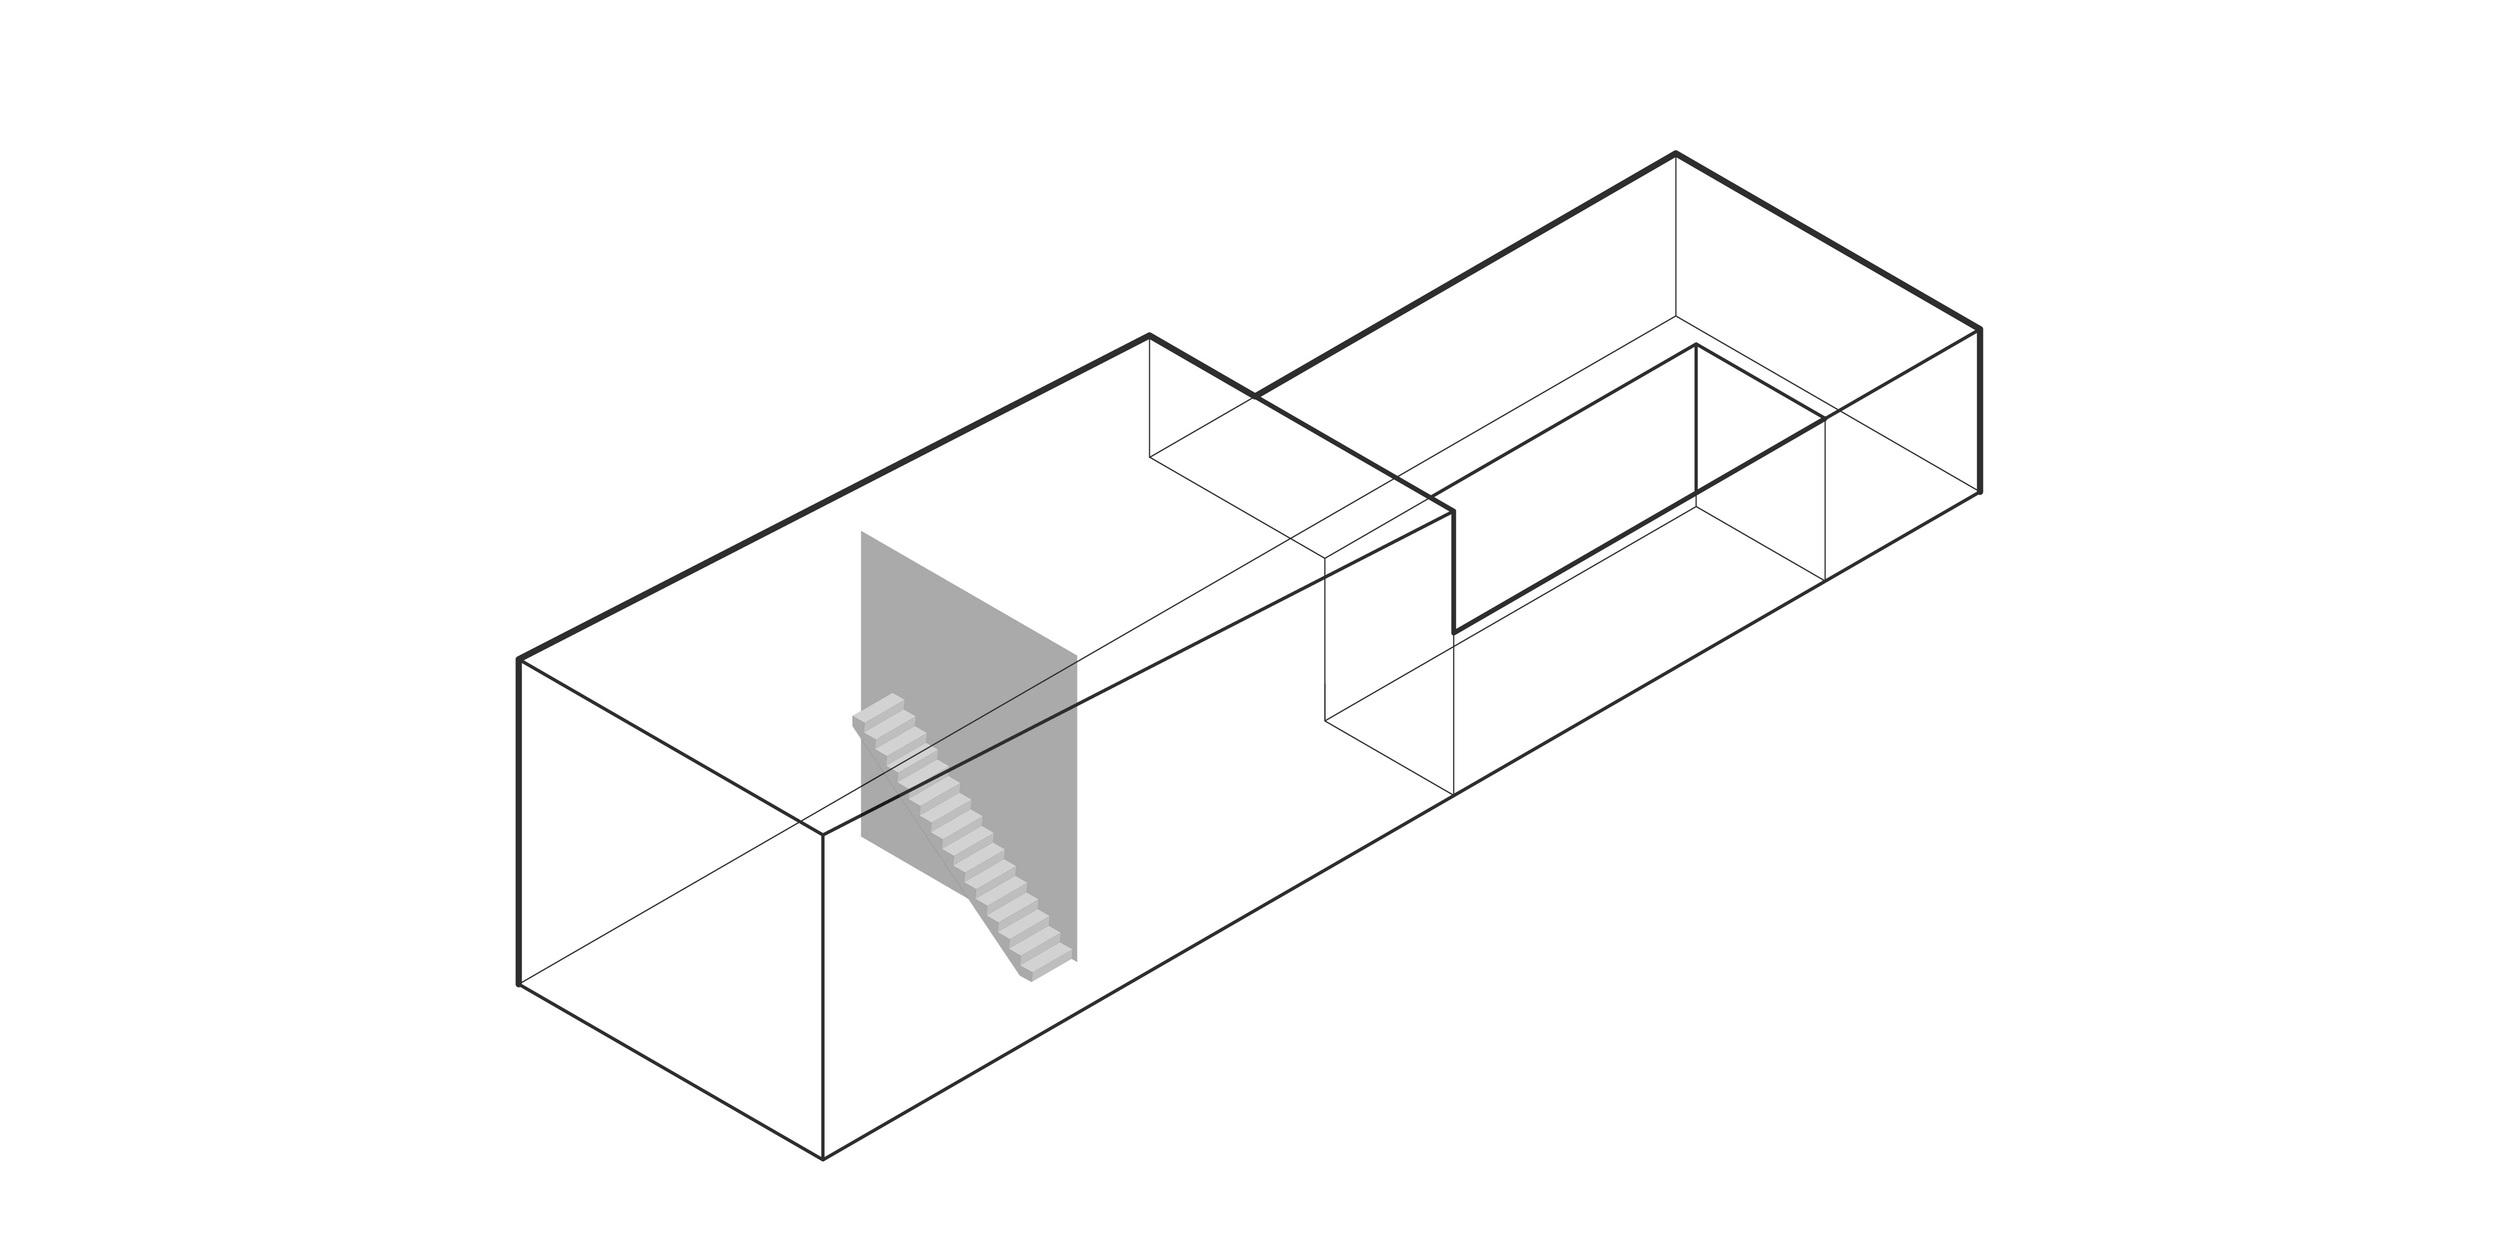 307_3rd-SD-160413-Diagram-05-01.jpg